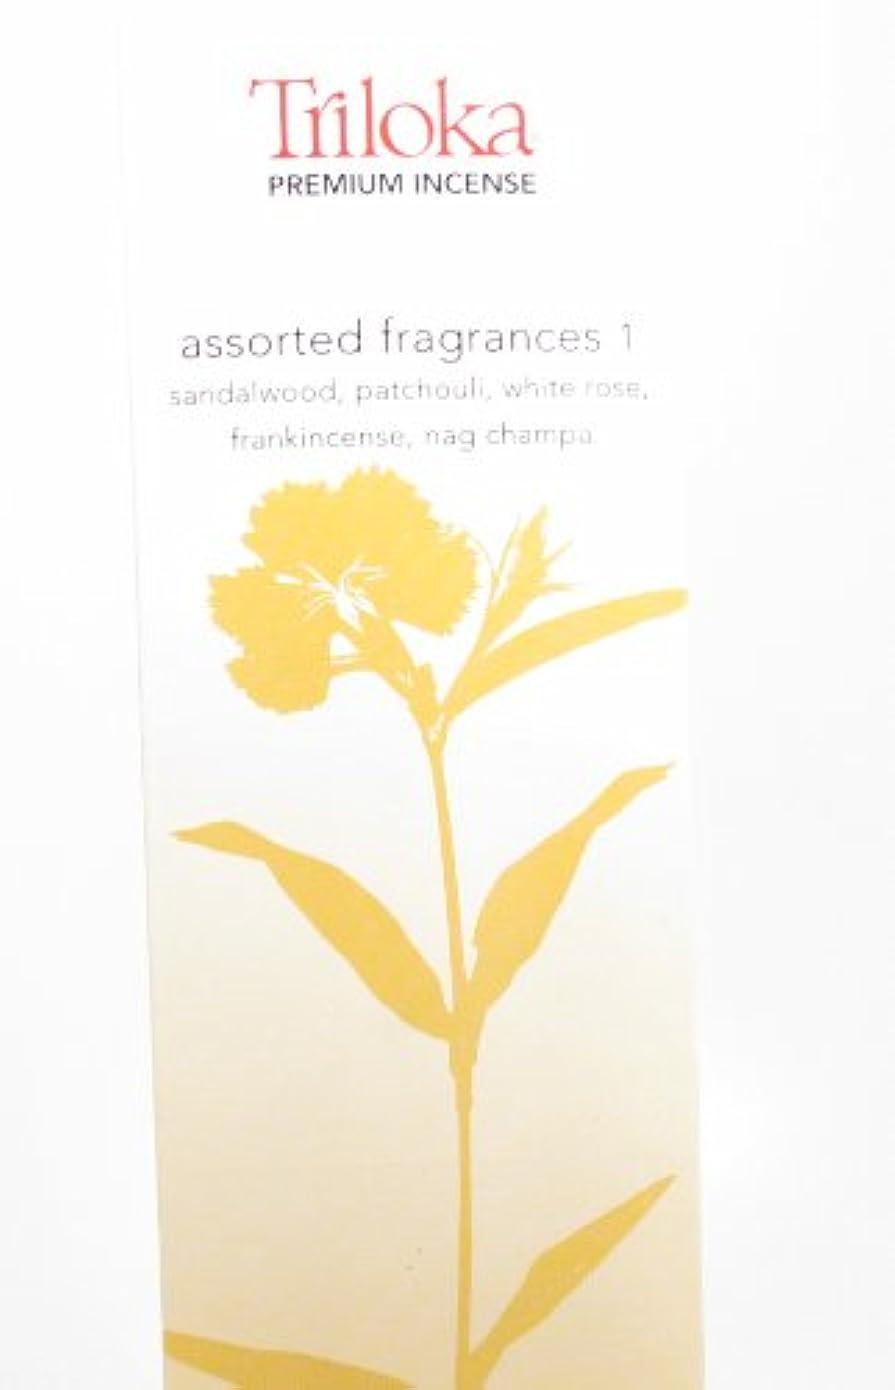 不良品にはまってめるTriloka - 優れた香は芳香1を分類した - 10棒